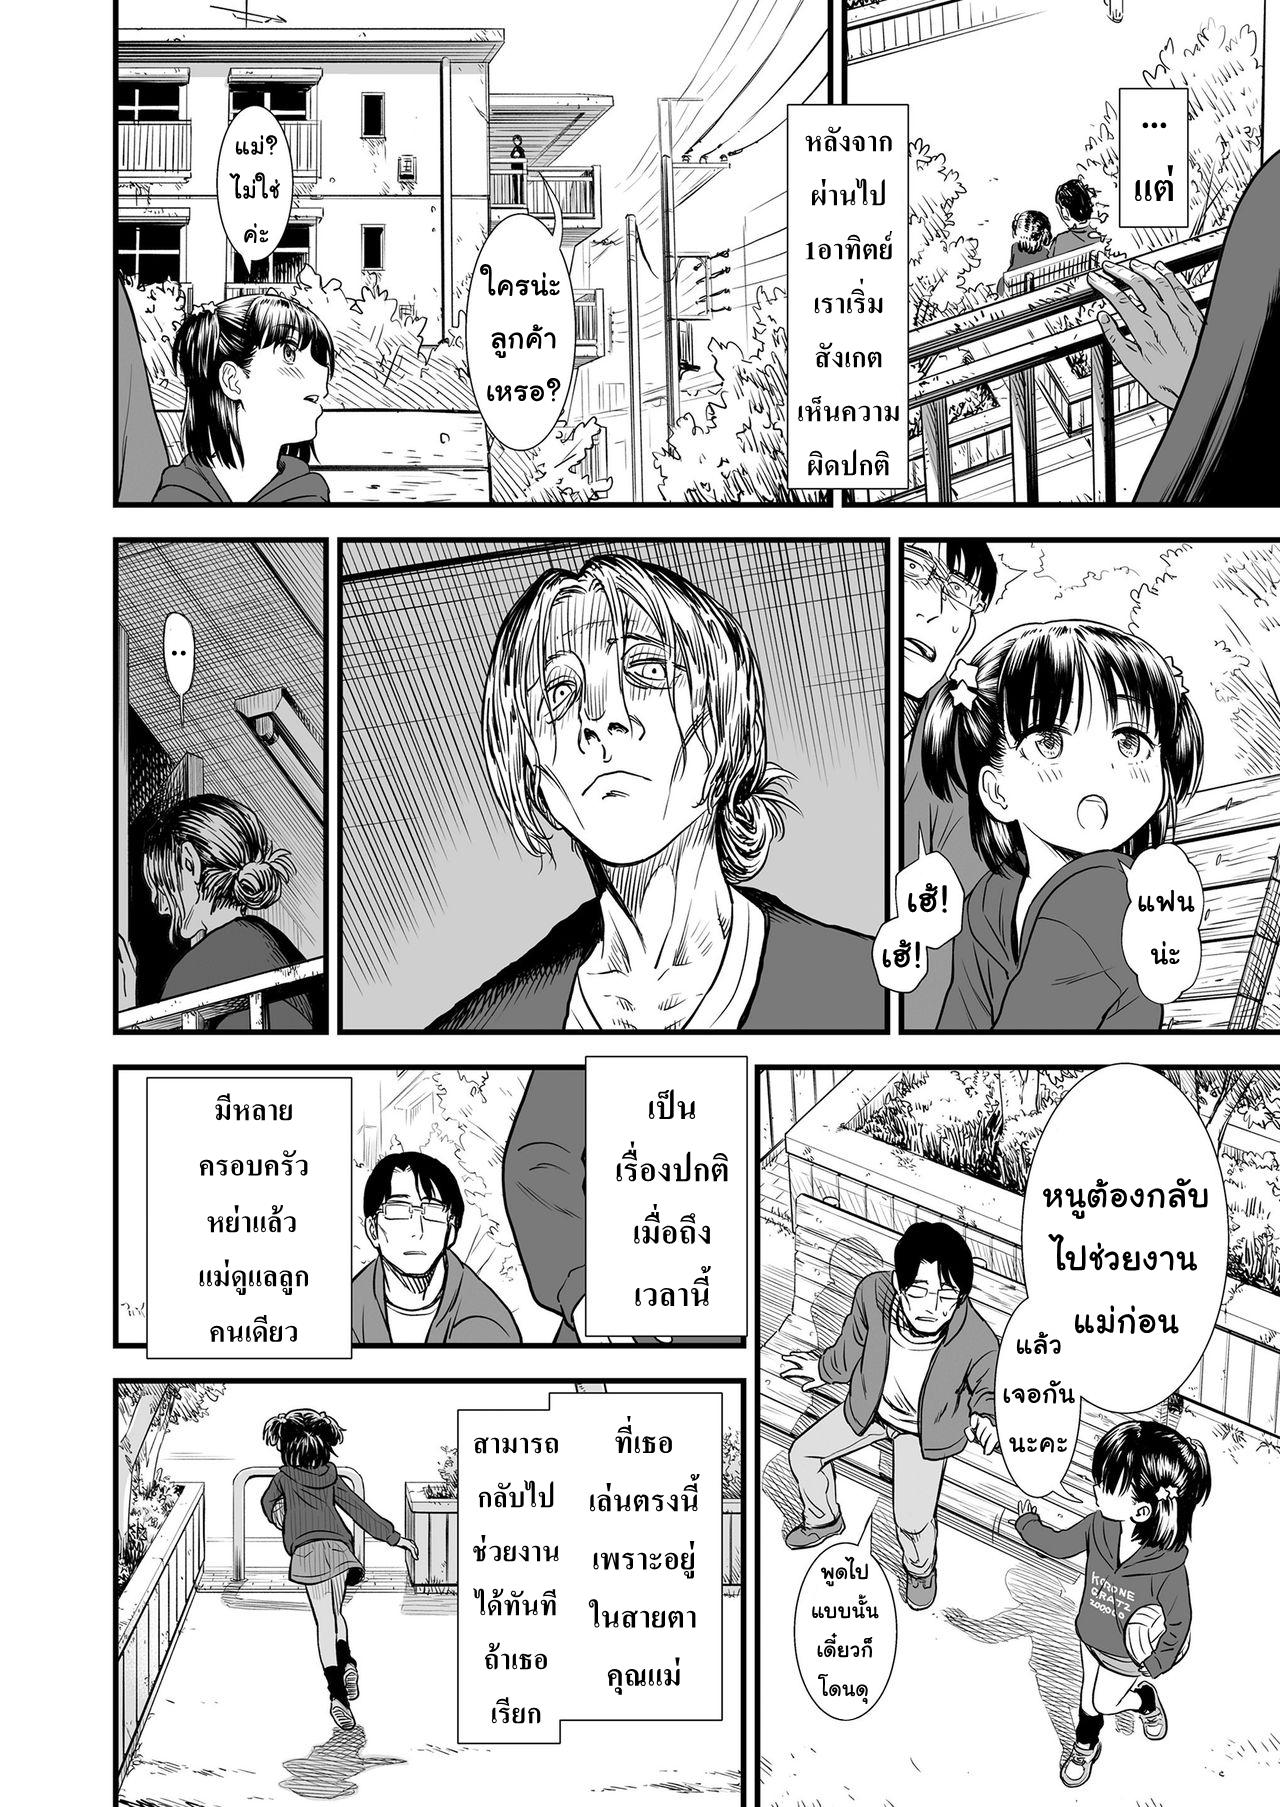 หน้าที่ของยูเอะจัง ภาพ 5